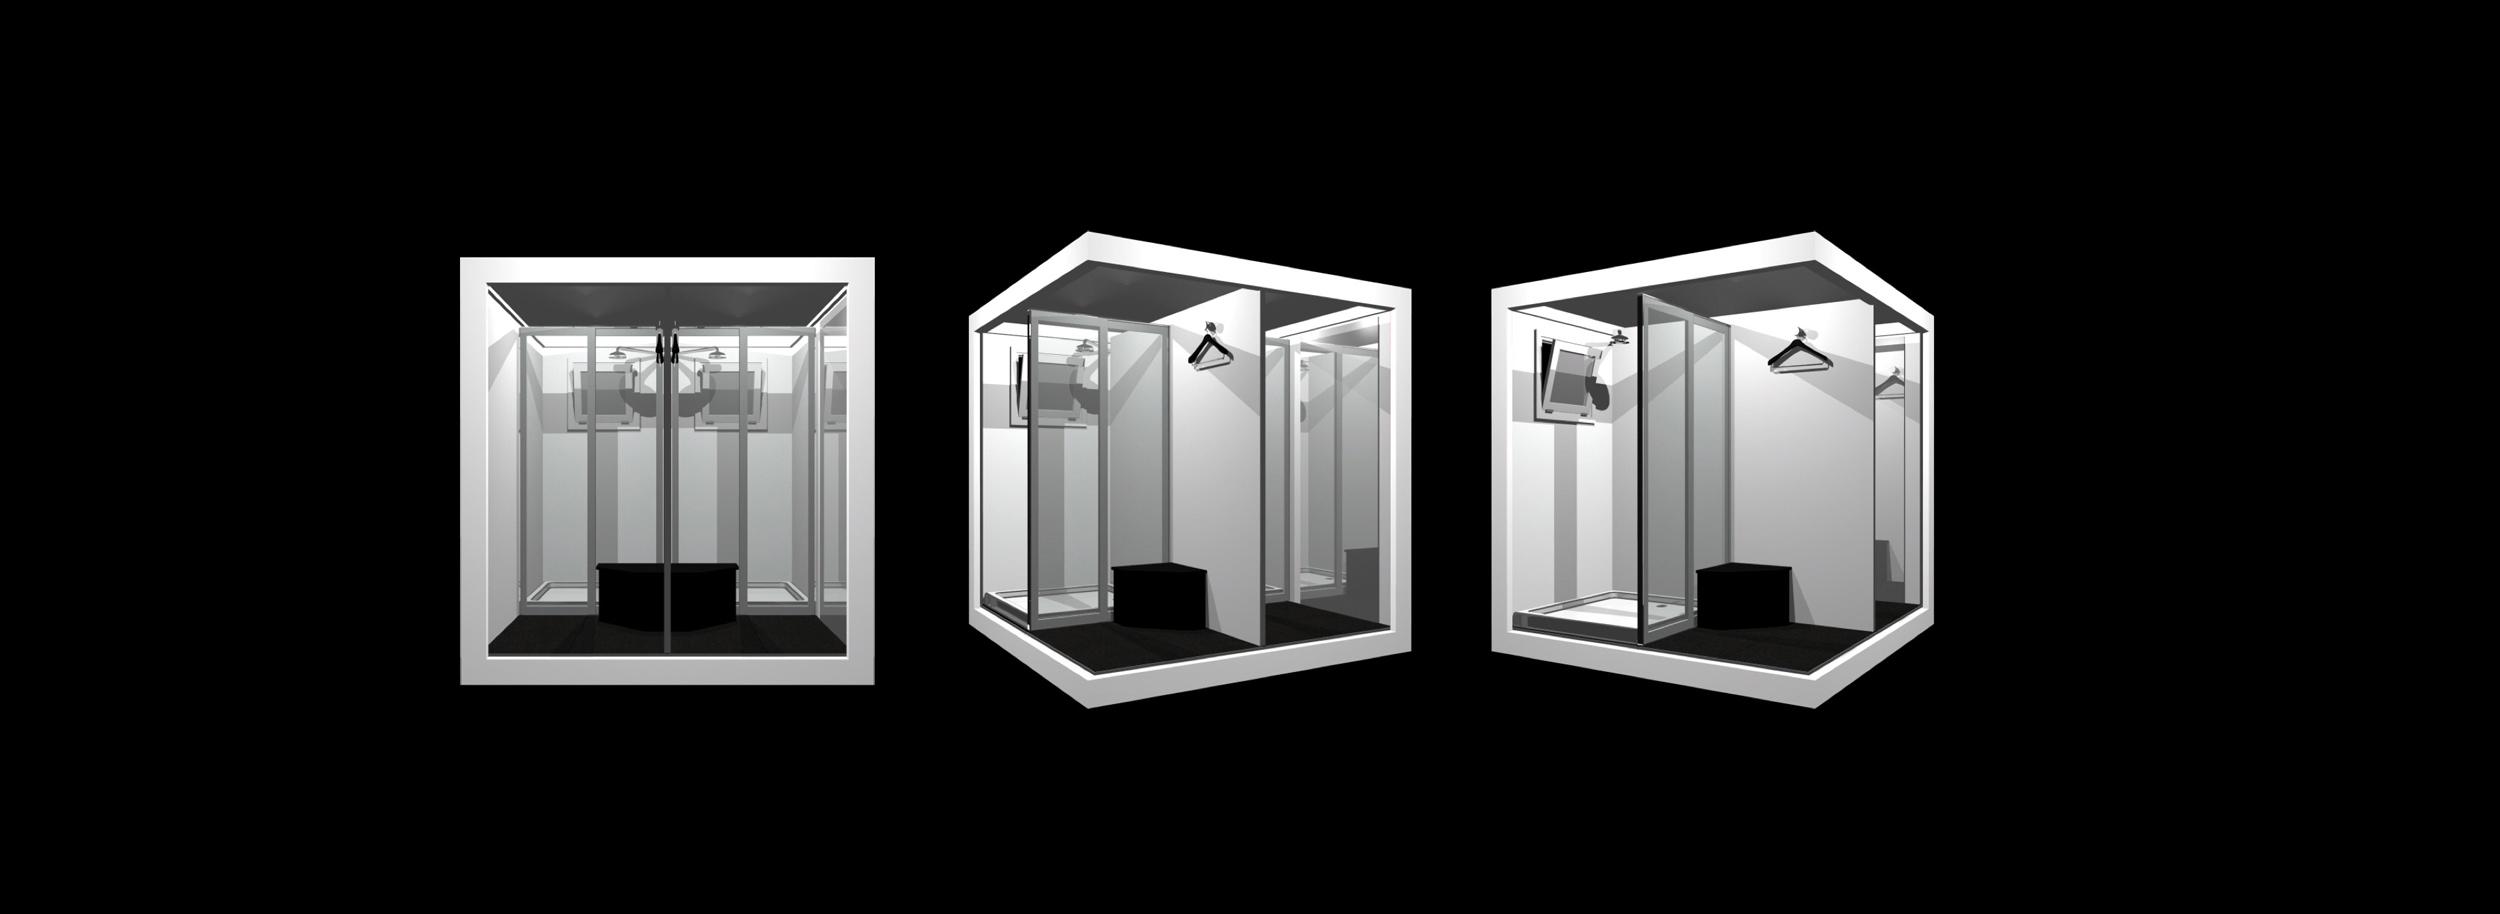 Progettazione sistemi modulari prefabbricati